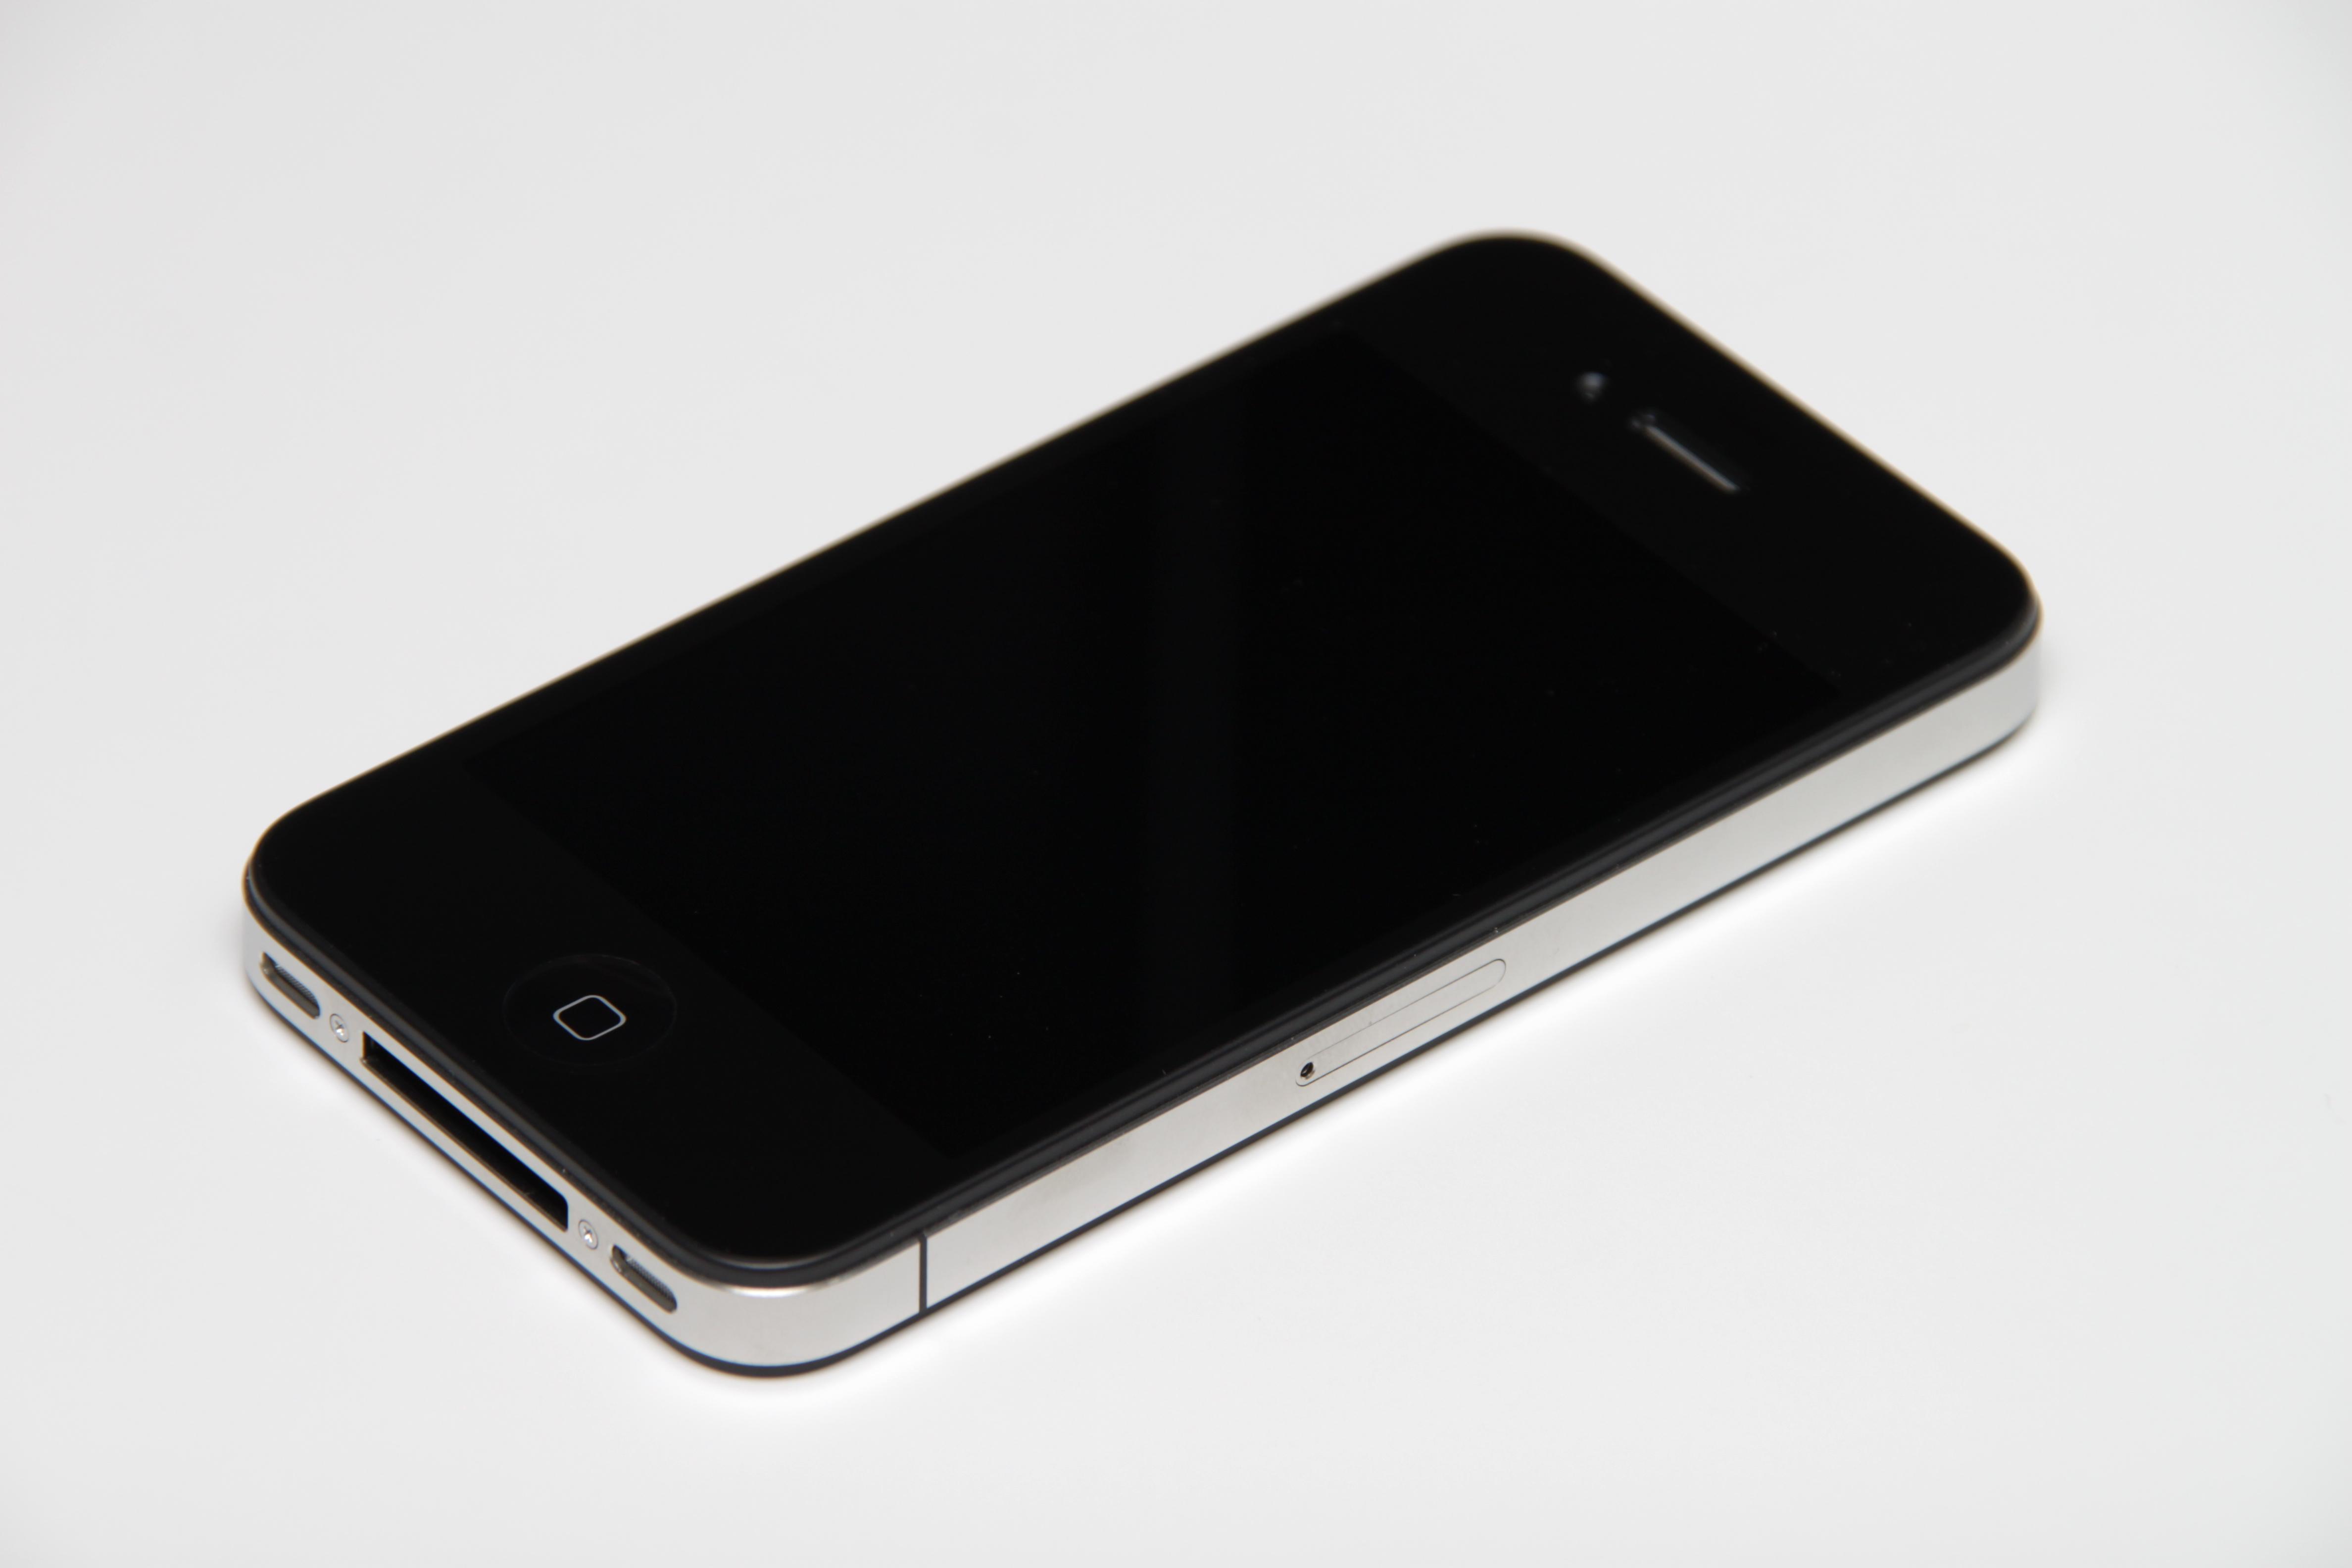 iphone_4_32gb_black_563113